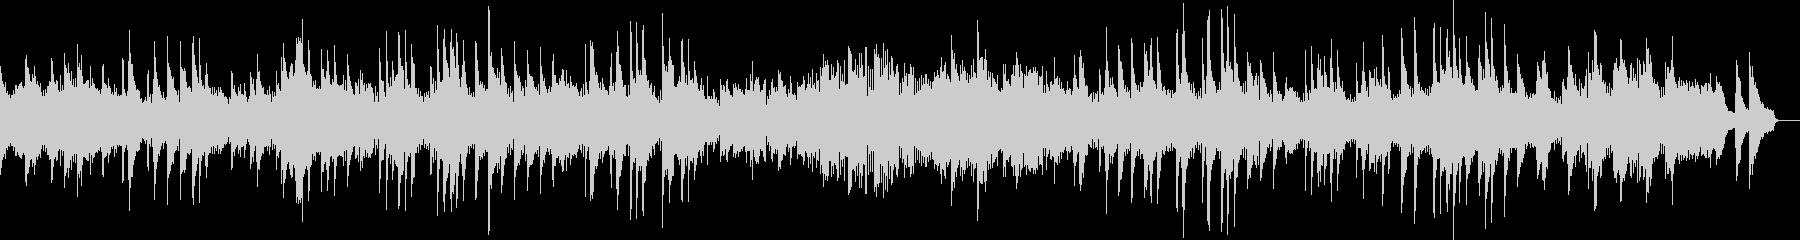 ベートーヴェン 月光 第一楽章 ピアノの未再生の波形